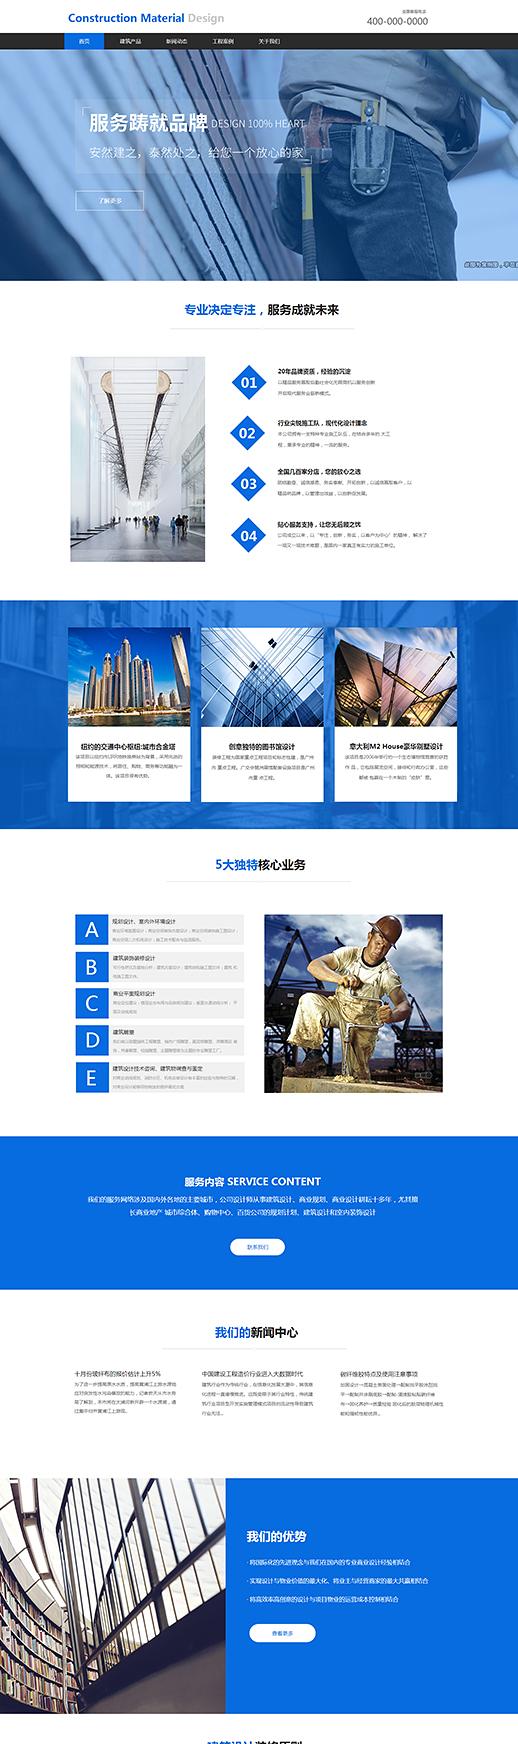 深蓝色建筑建材网站模板案例